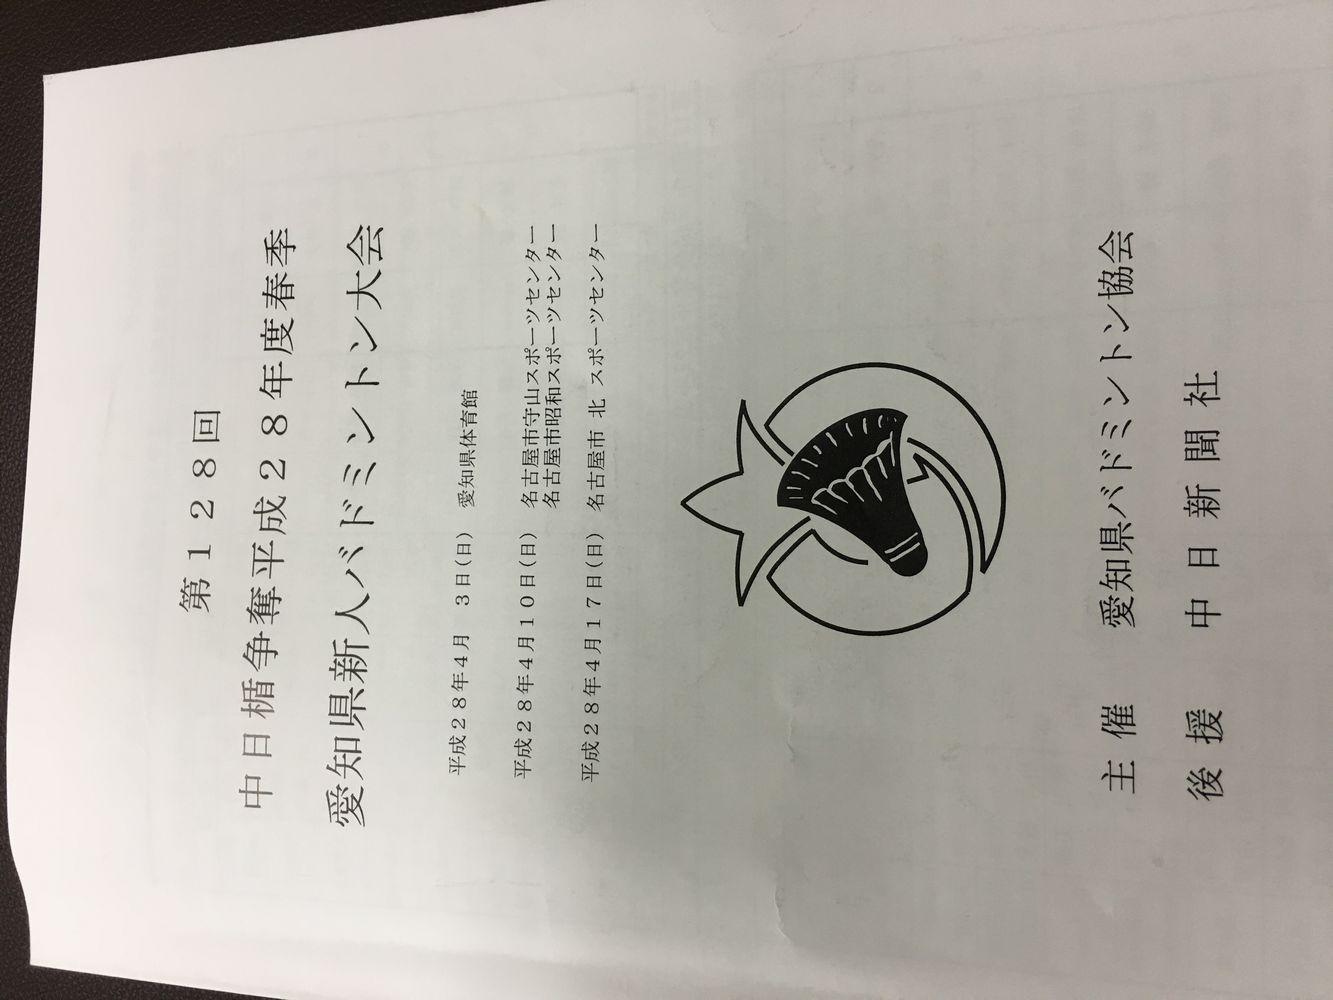 愛知県新人バドミントン大会_c0234975_1016421.jpg